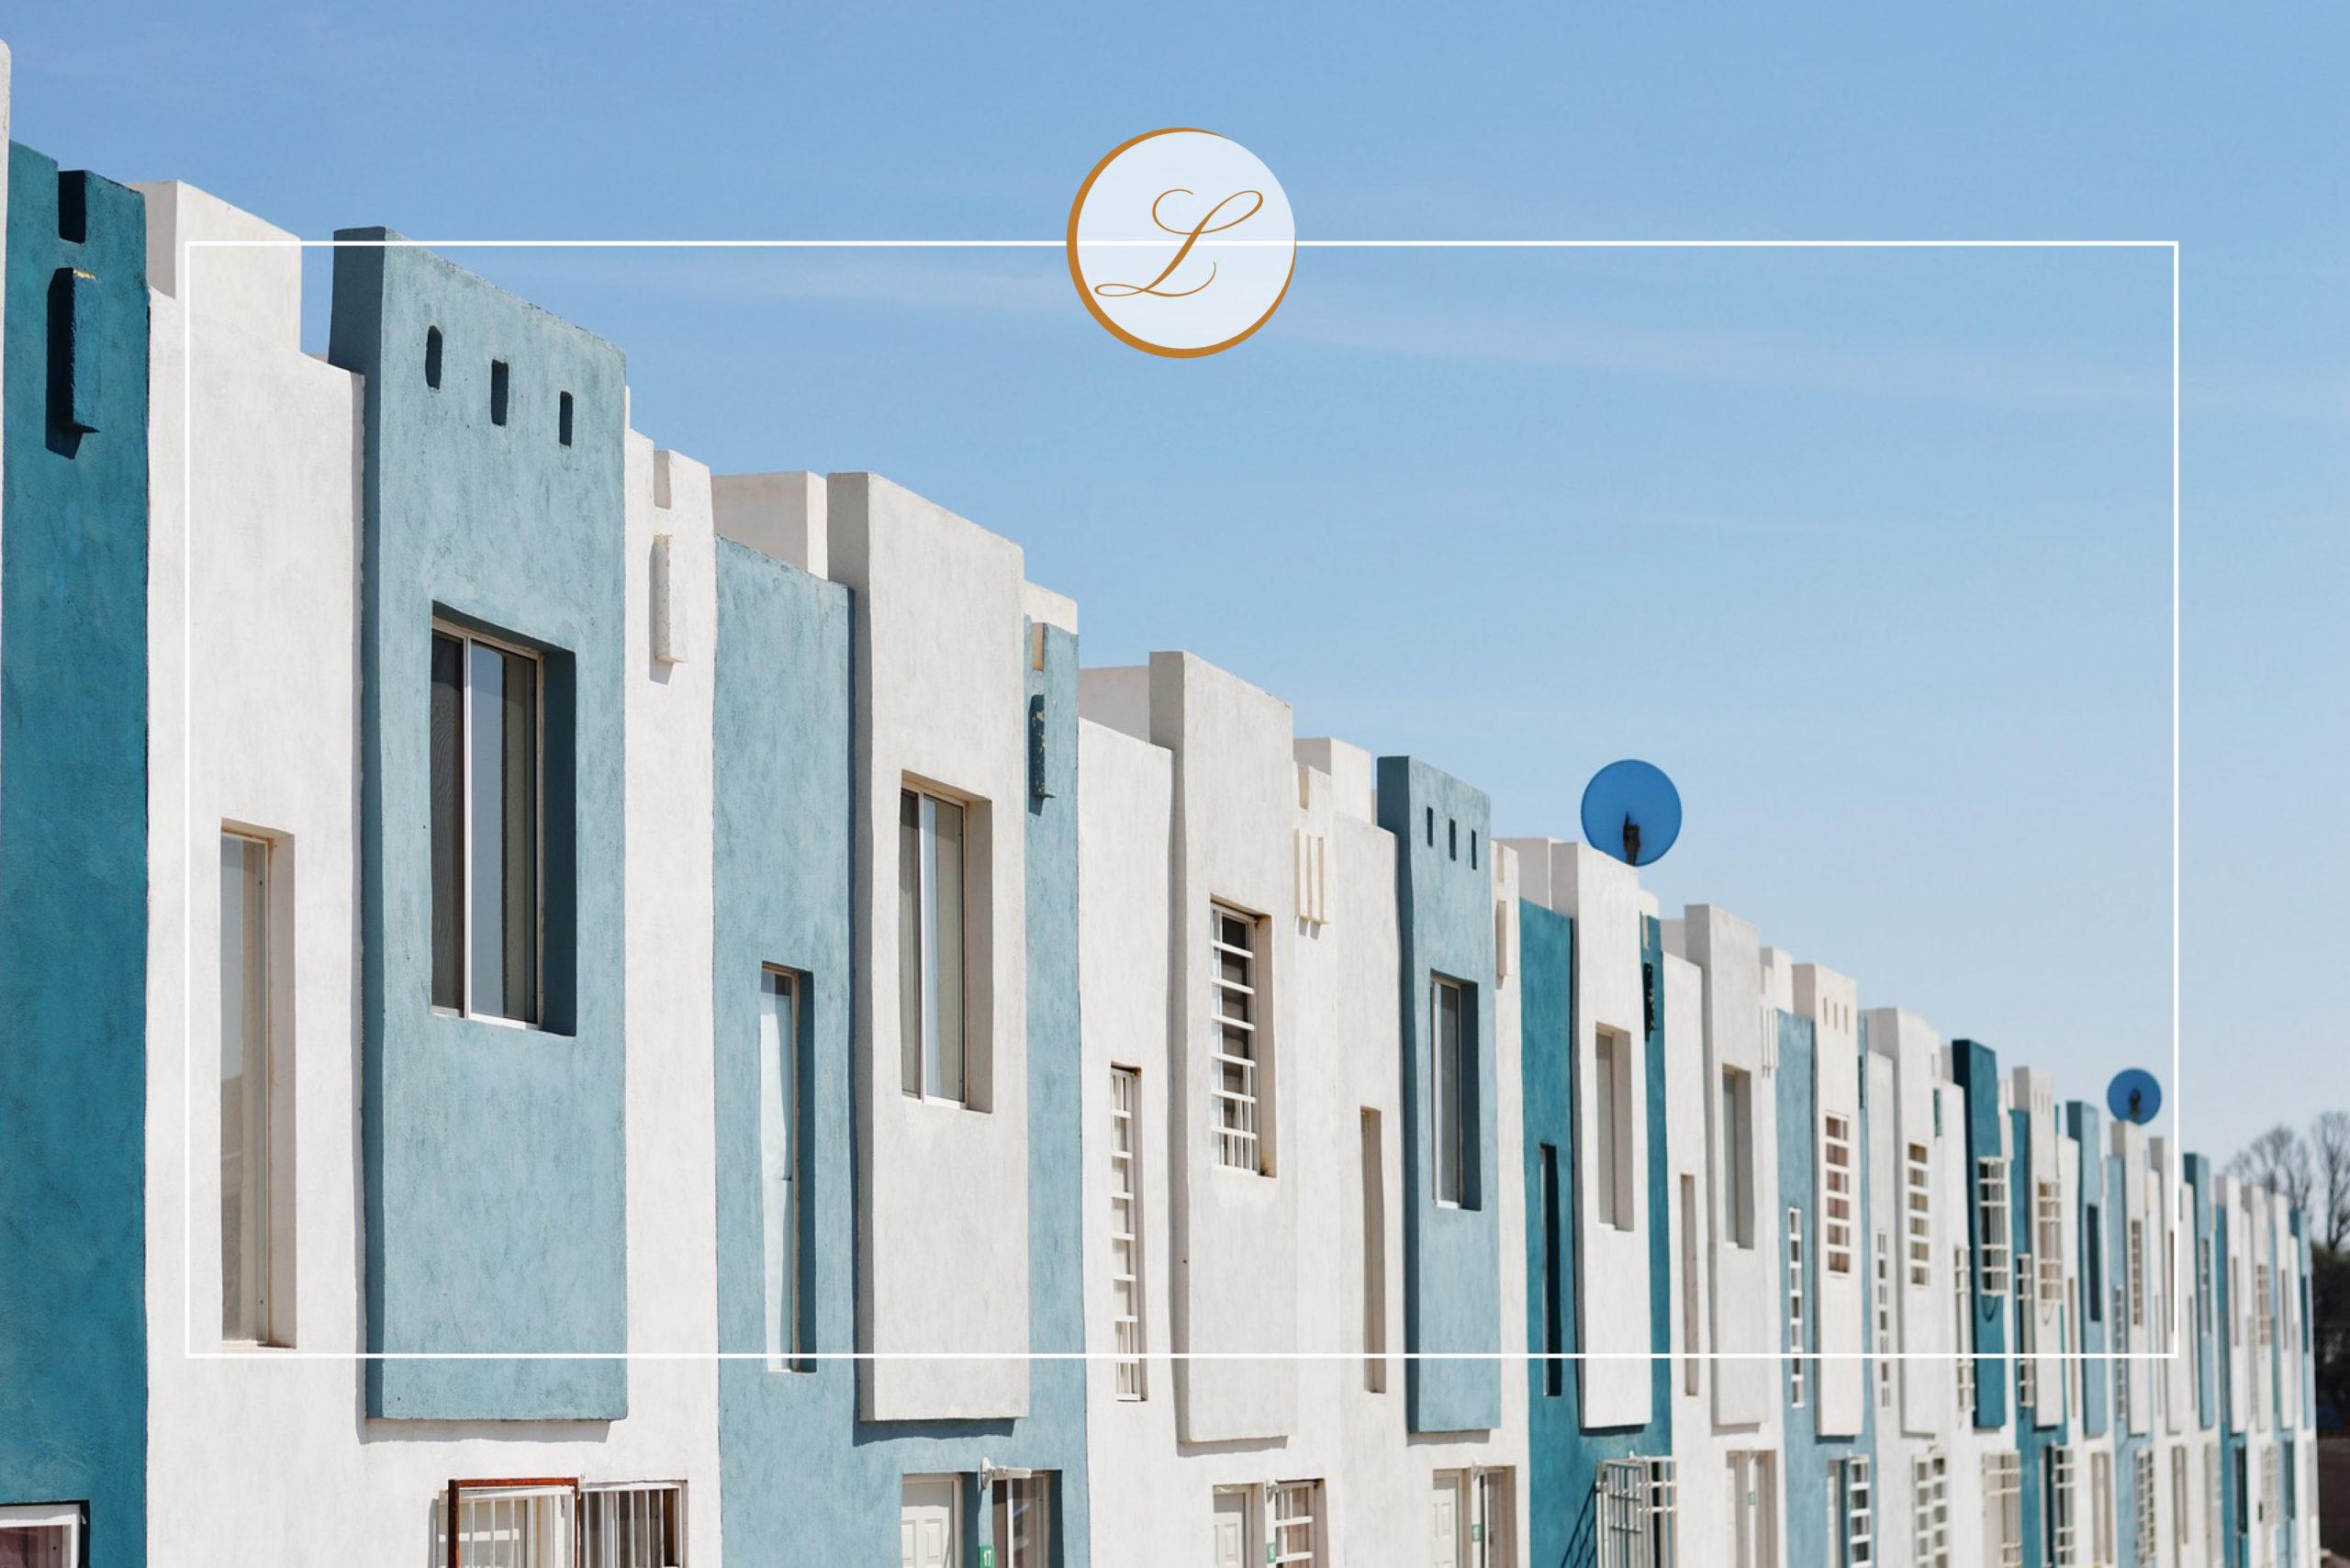 Qué determinará el precio final de venta de tu vivienda